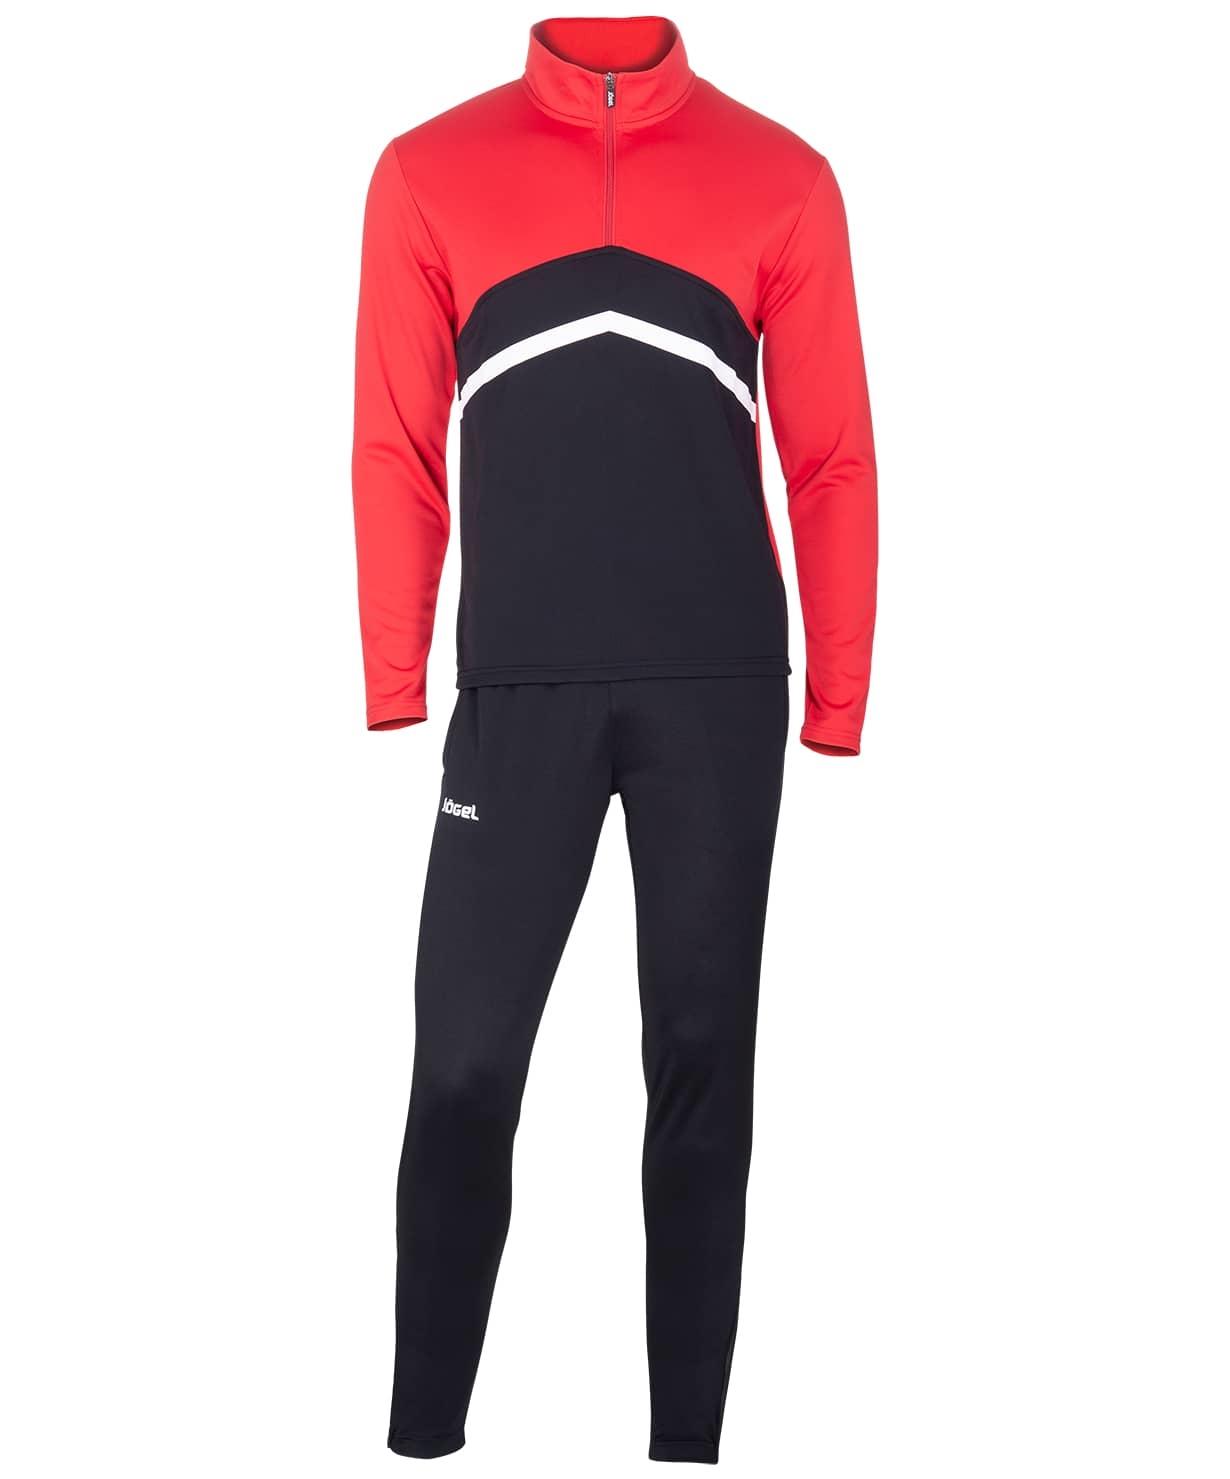 Костюм тренировочный JPS-4301-621, полиэстер, черный/красный/белый